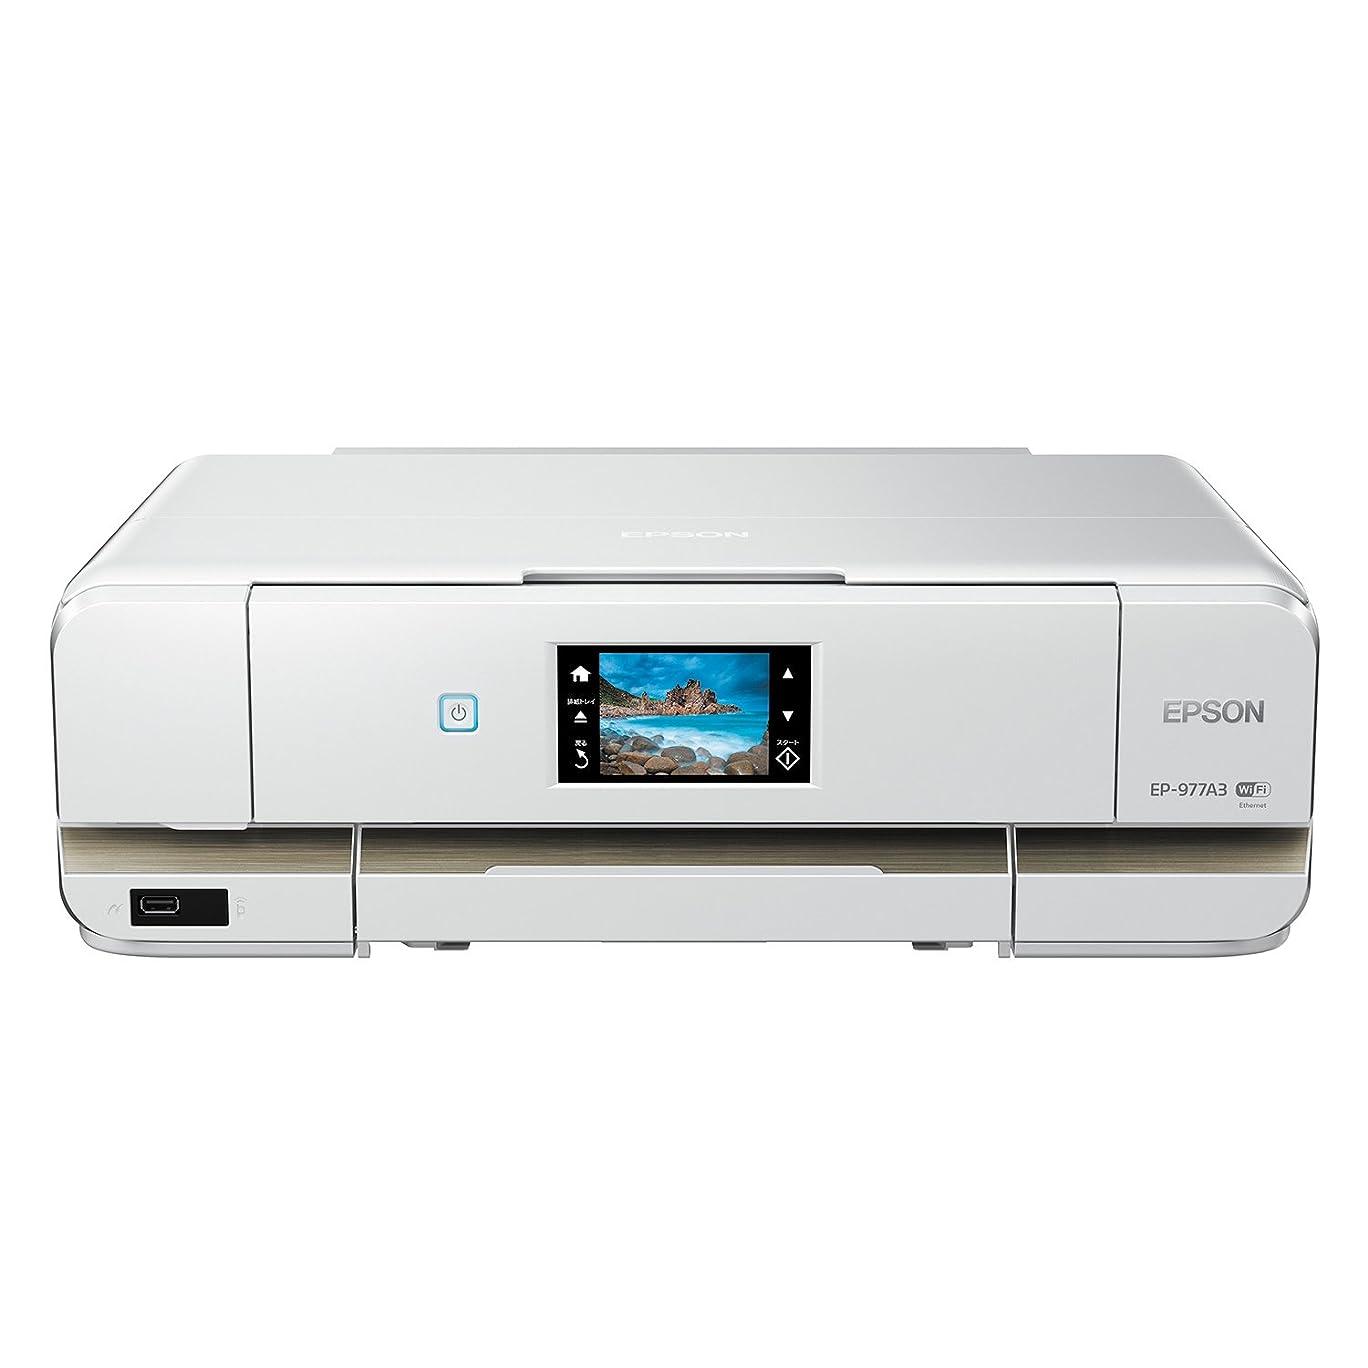 遅滞キロメートルおとなしいEPSON インクジェット複合機 Colorio EP-977A3 無線 有線 スマートフォンプリント Wi-Fi Direct A3